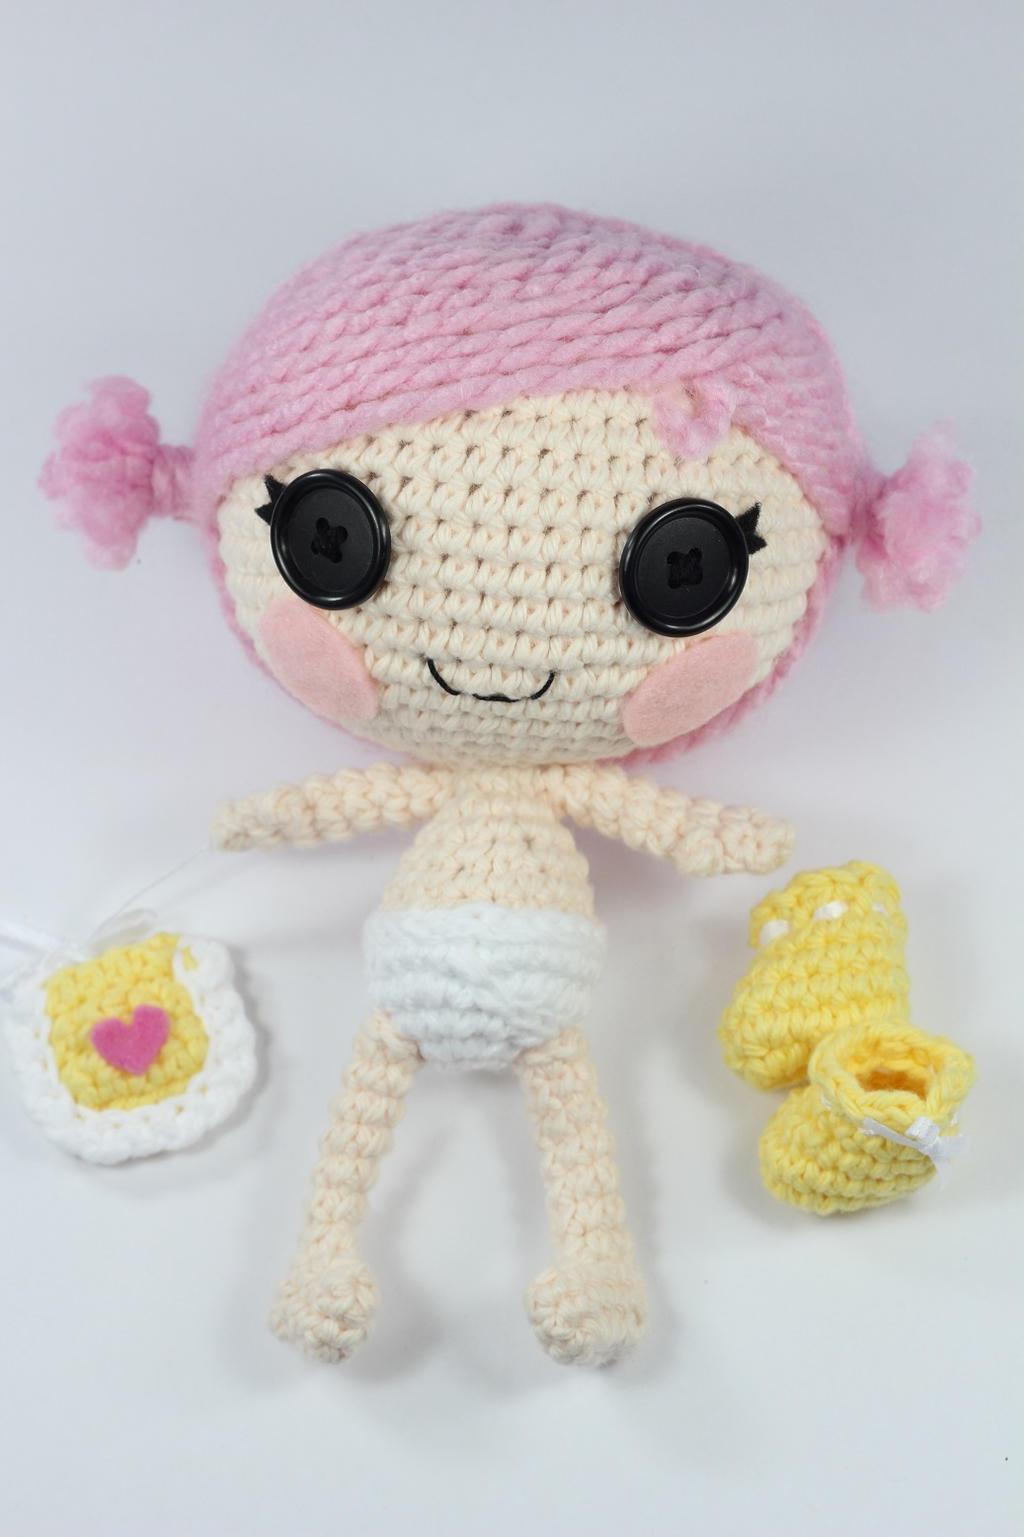 Amigurumi Dolls : LALALOOPSY Little Custom Amigurumi Doll by Npantz22 on ...